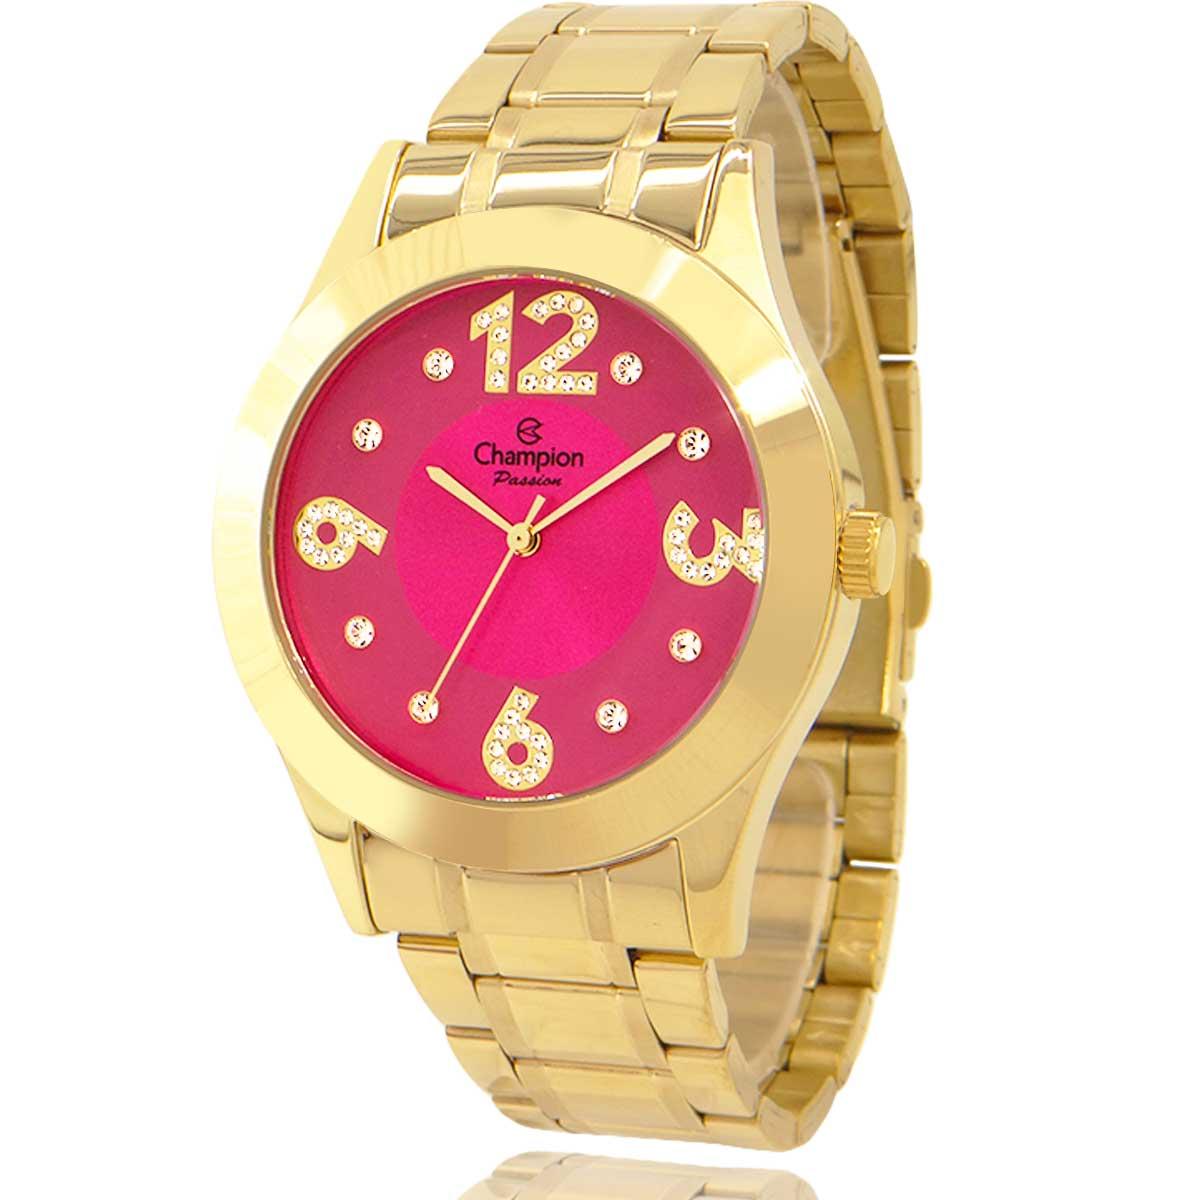 Relógio Champion Feminino Dourado e Rosa com Colar e Brincos CN29178L